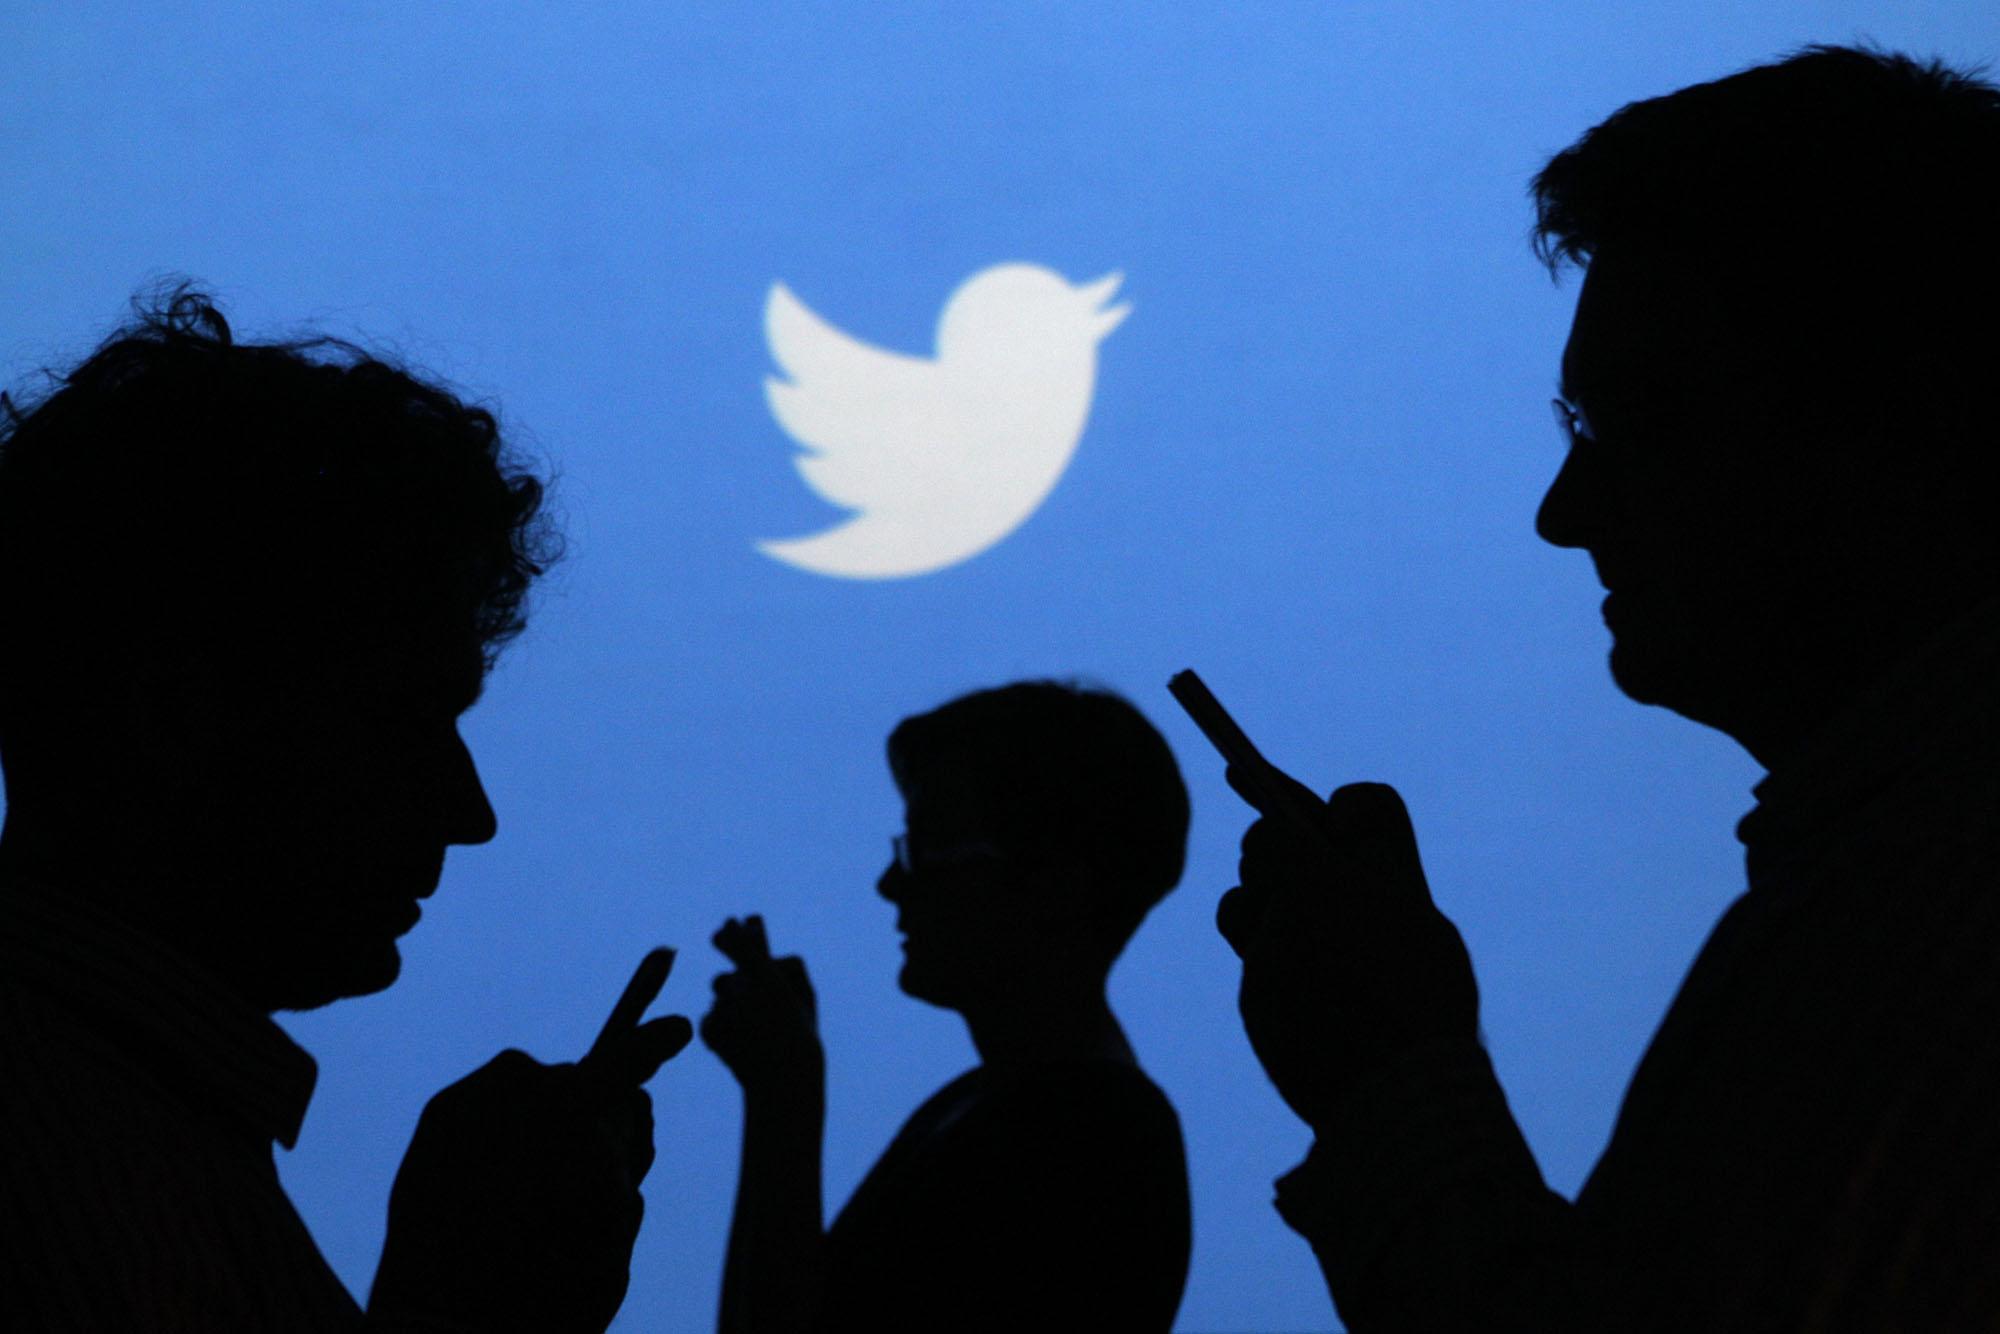 L'account di Facebook su Twitter è stato hackerato